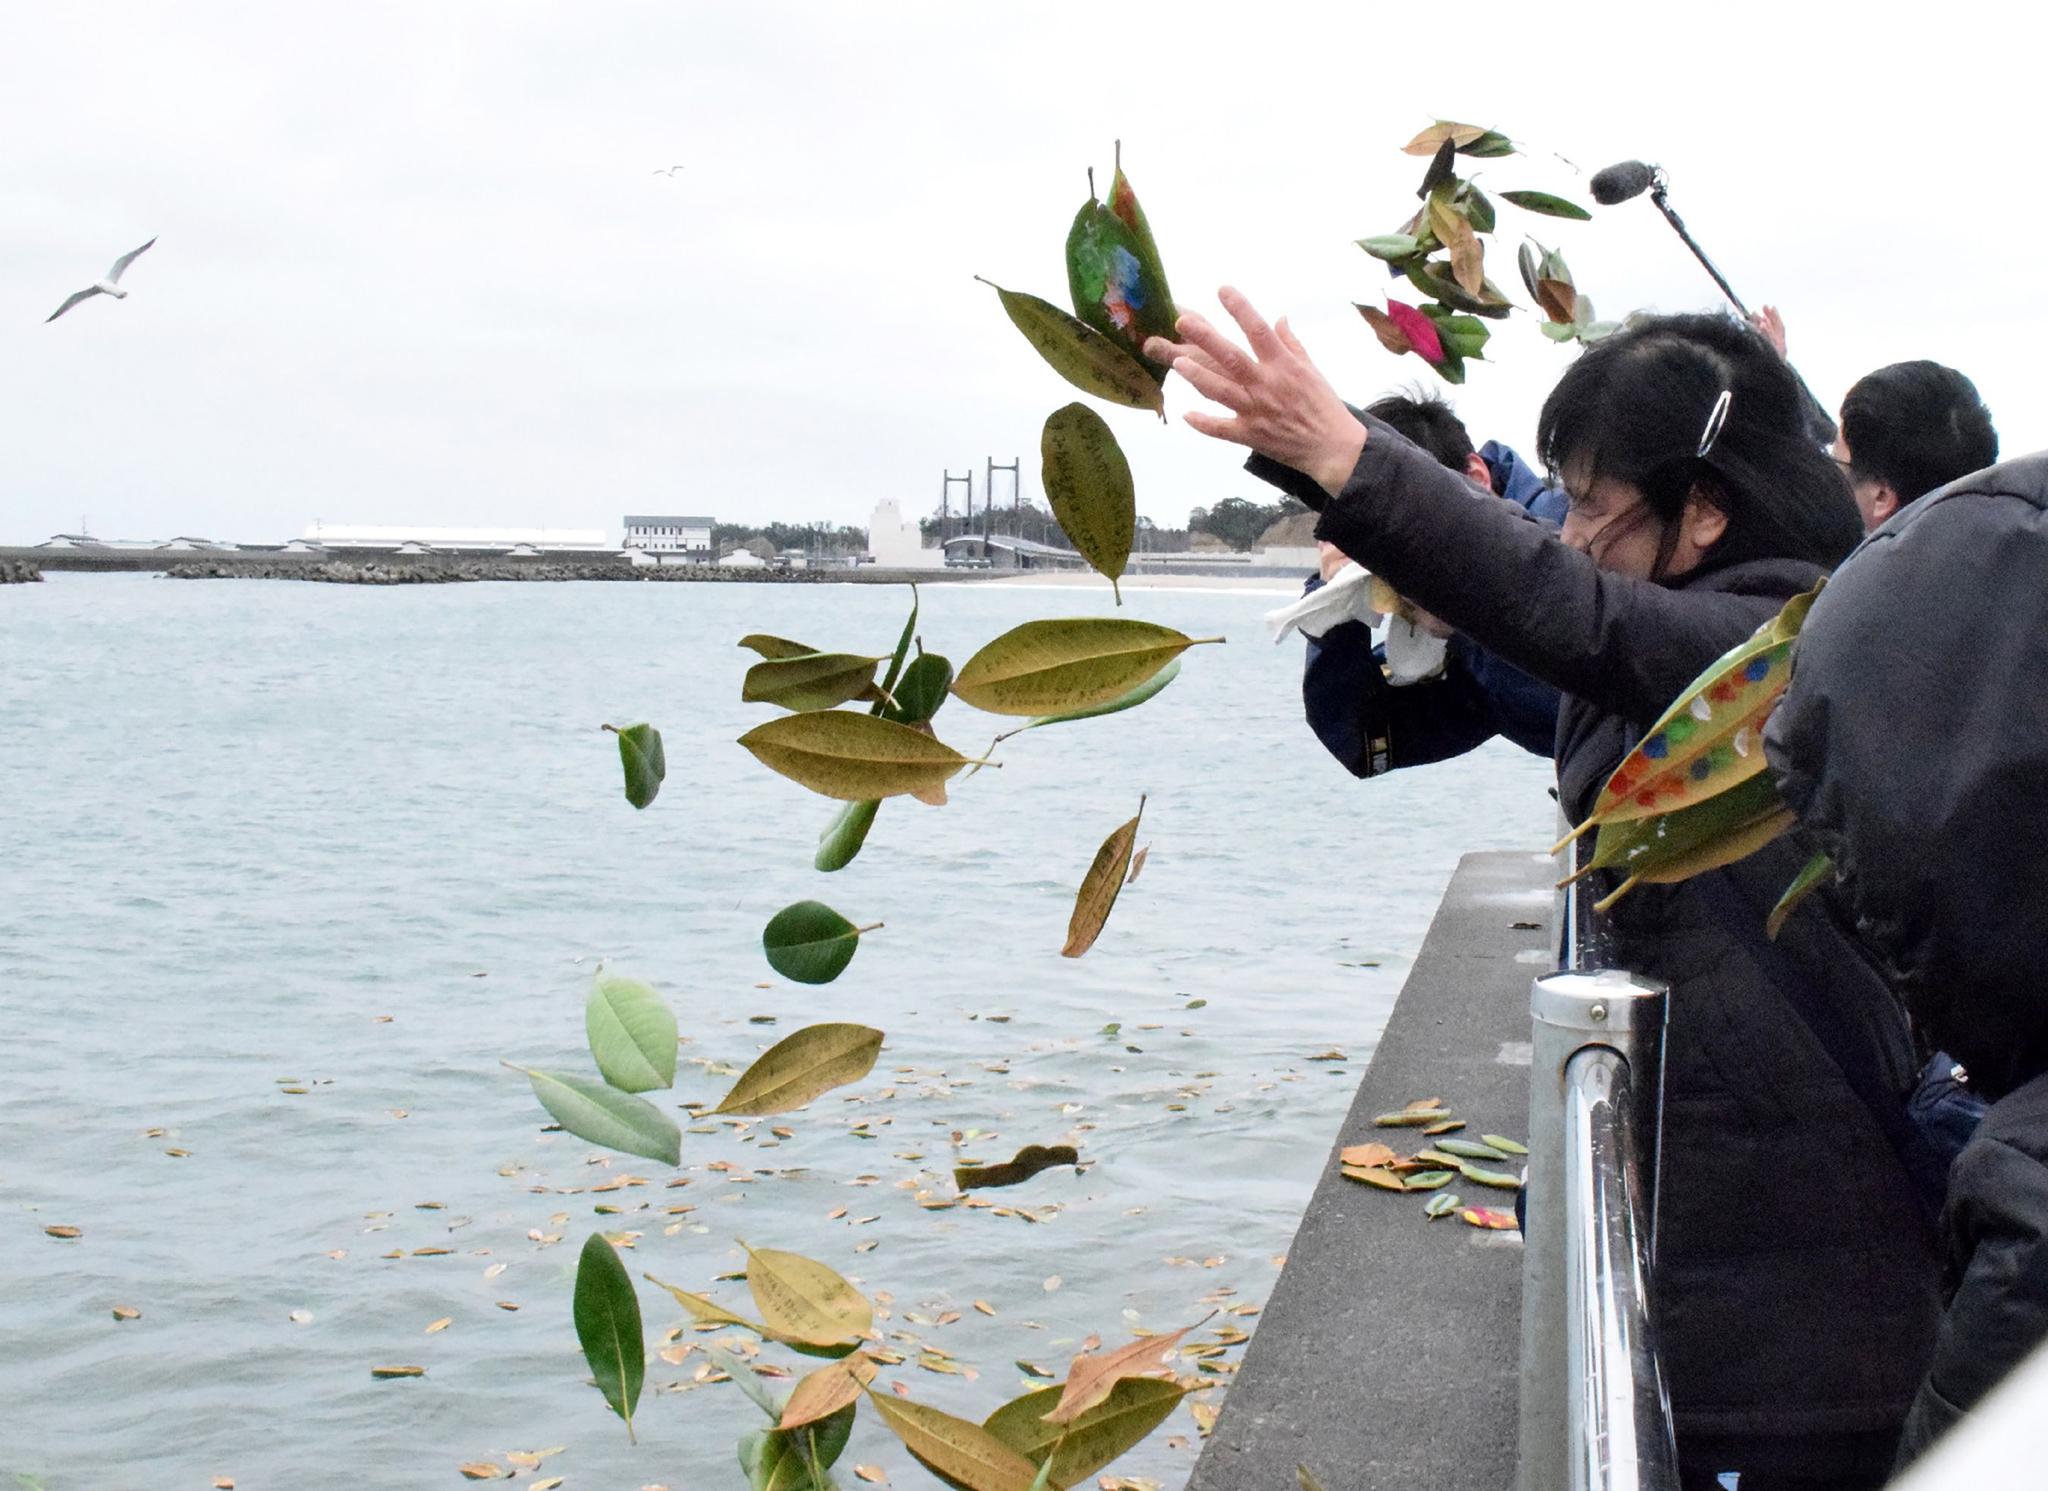 """동일본 대지진으로 458명이 사망한 후쿠시마현 소우마시의 연안에서 지진 발생과 함께 이어진 쓰나미로 가족을 잃은 유족들이 """"잊지 않을께요"""" 등의 추도 문구가 적힌 목련잎을 바다에 흘려 보내고 있다. [지지통신]"""